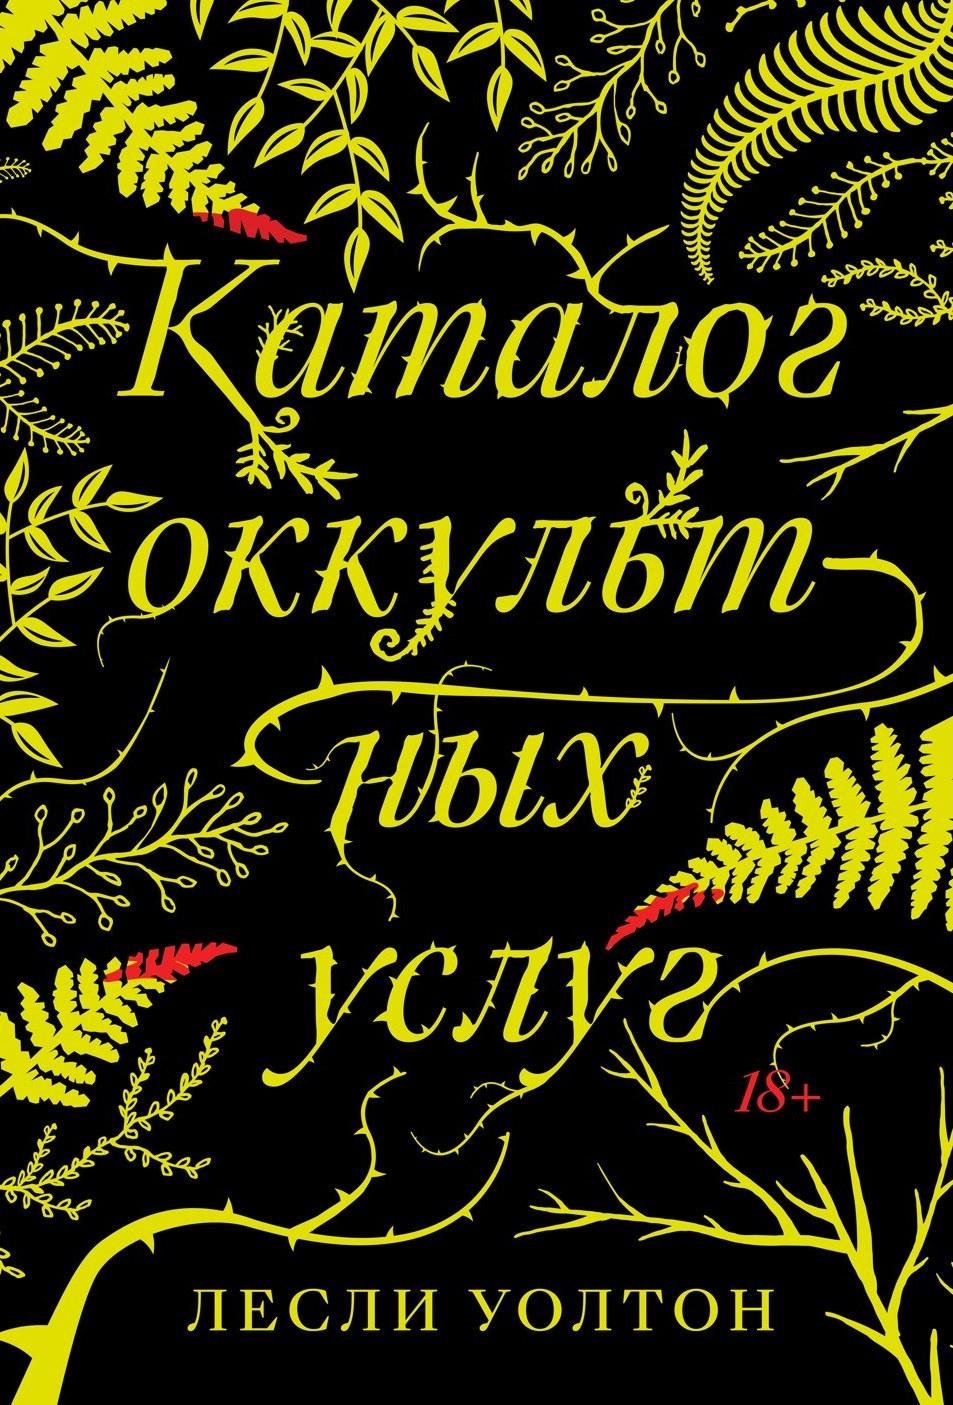 Ведьмы, книги и любовные треугольники: каким получилcя «Каталог оккультных услуг» Лесли Уолтон | Канобу - Изображение 547